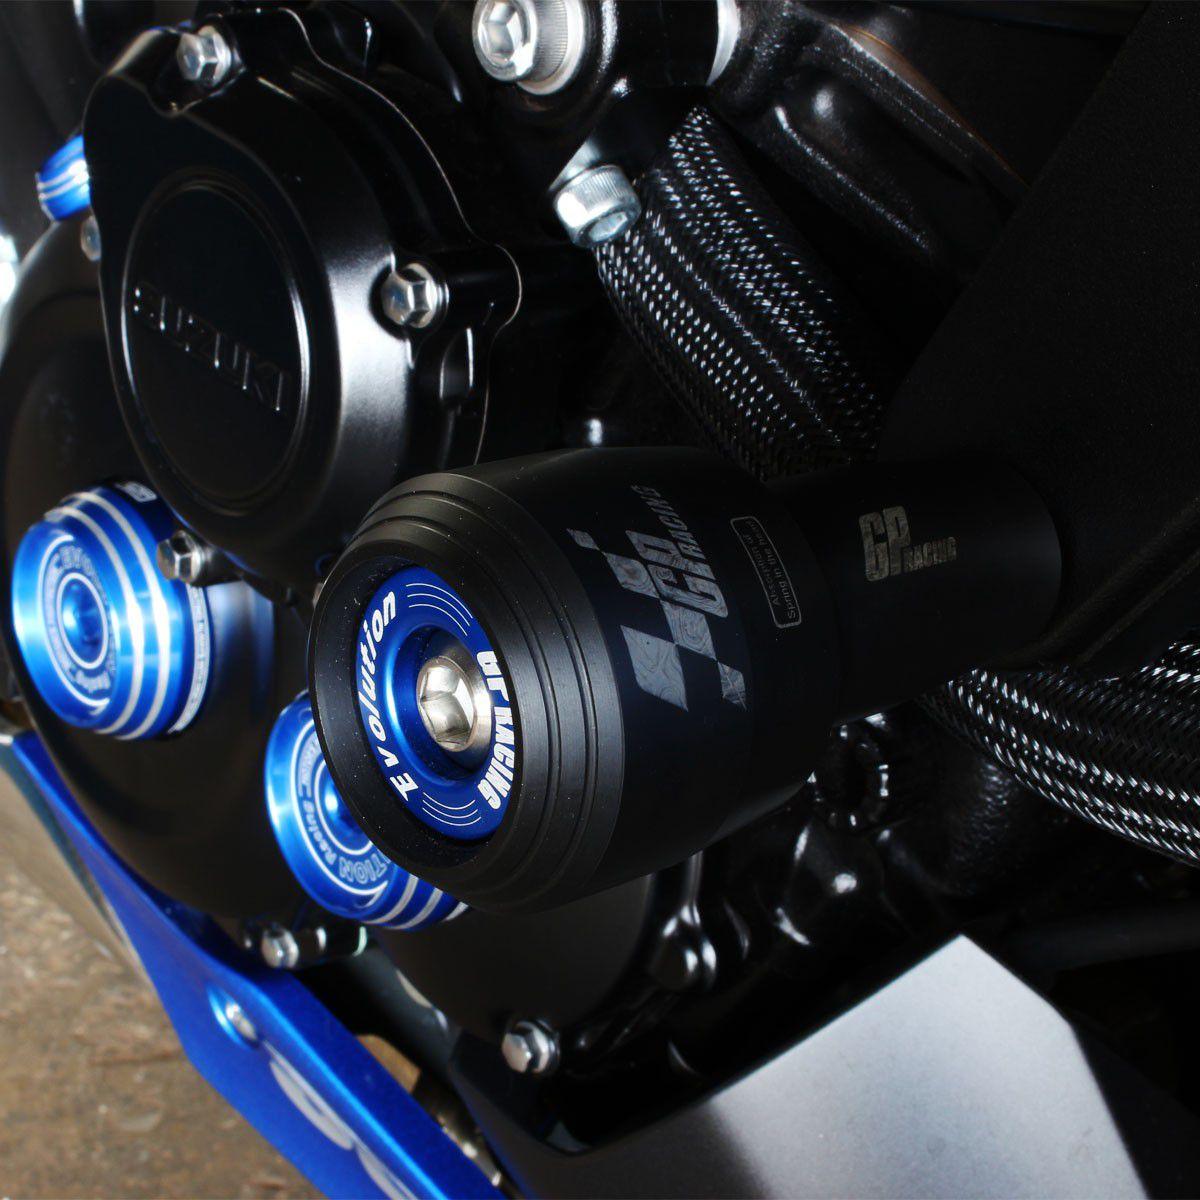 Slider Evolution GP Nylon Honda CB1300 CB 1300 Todas